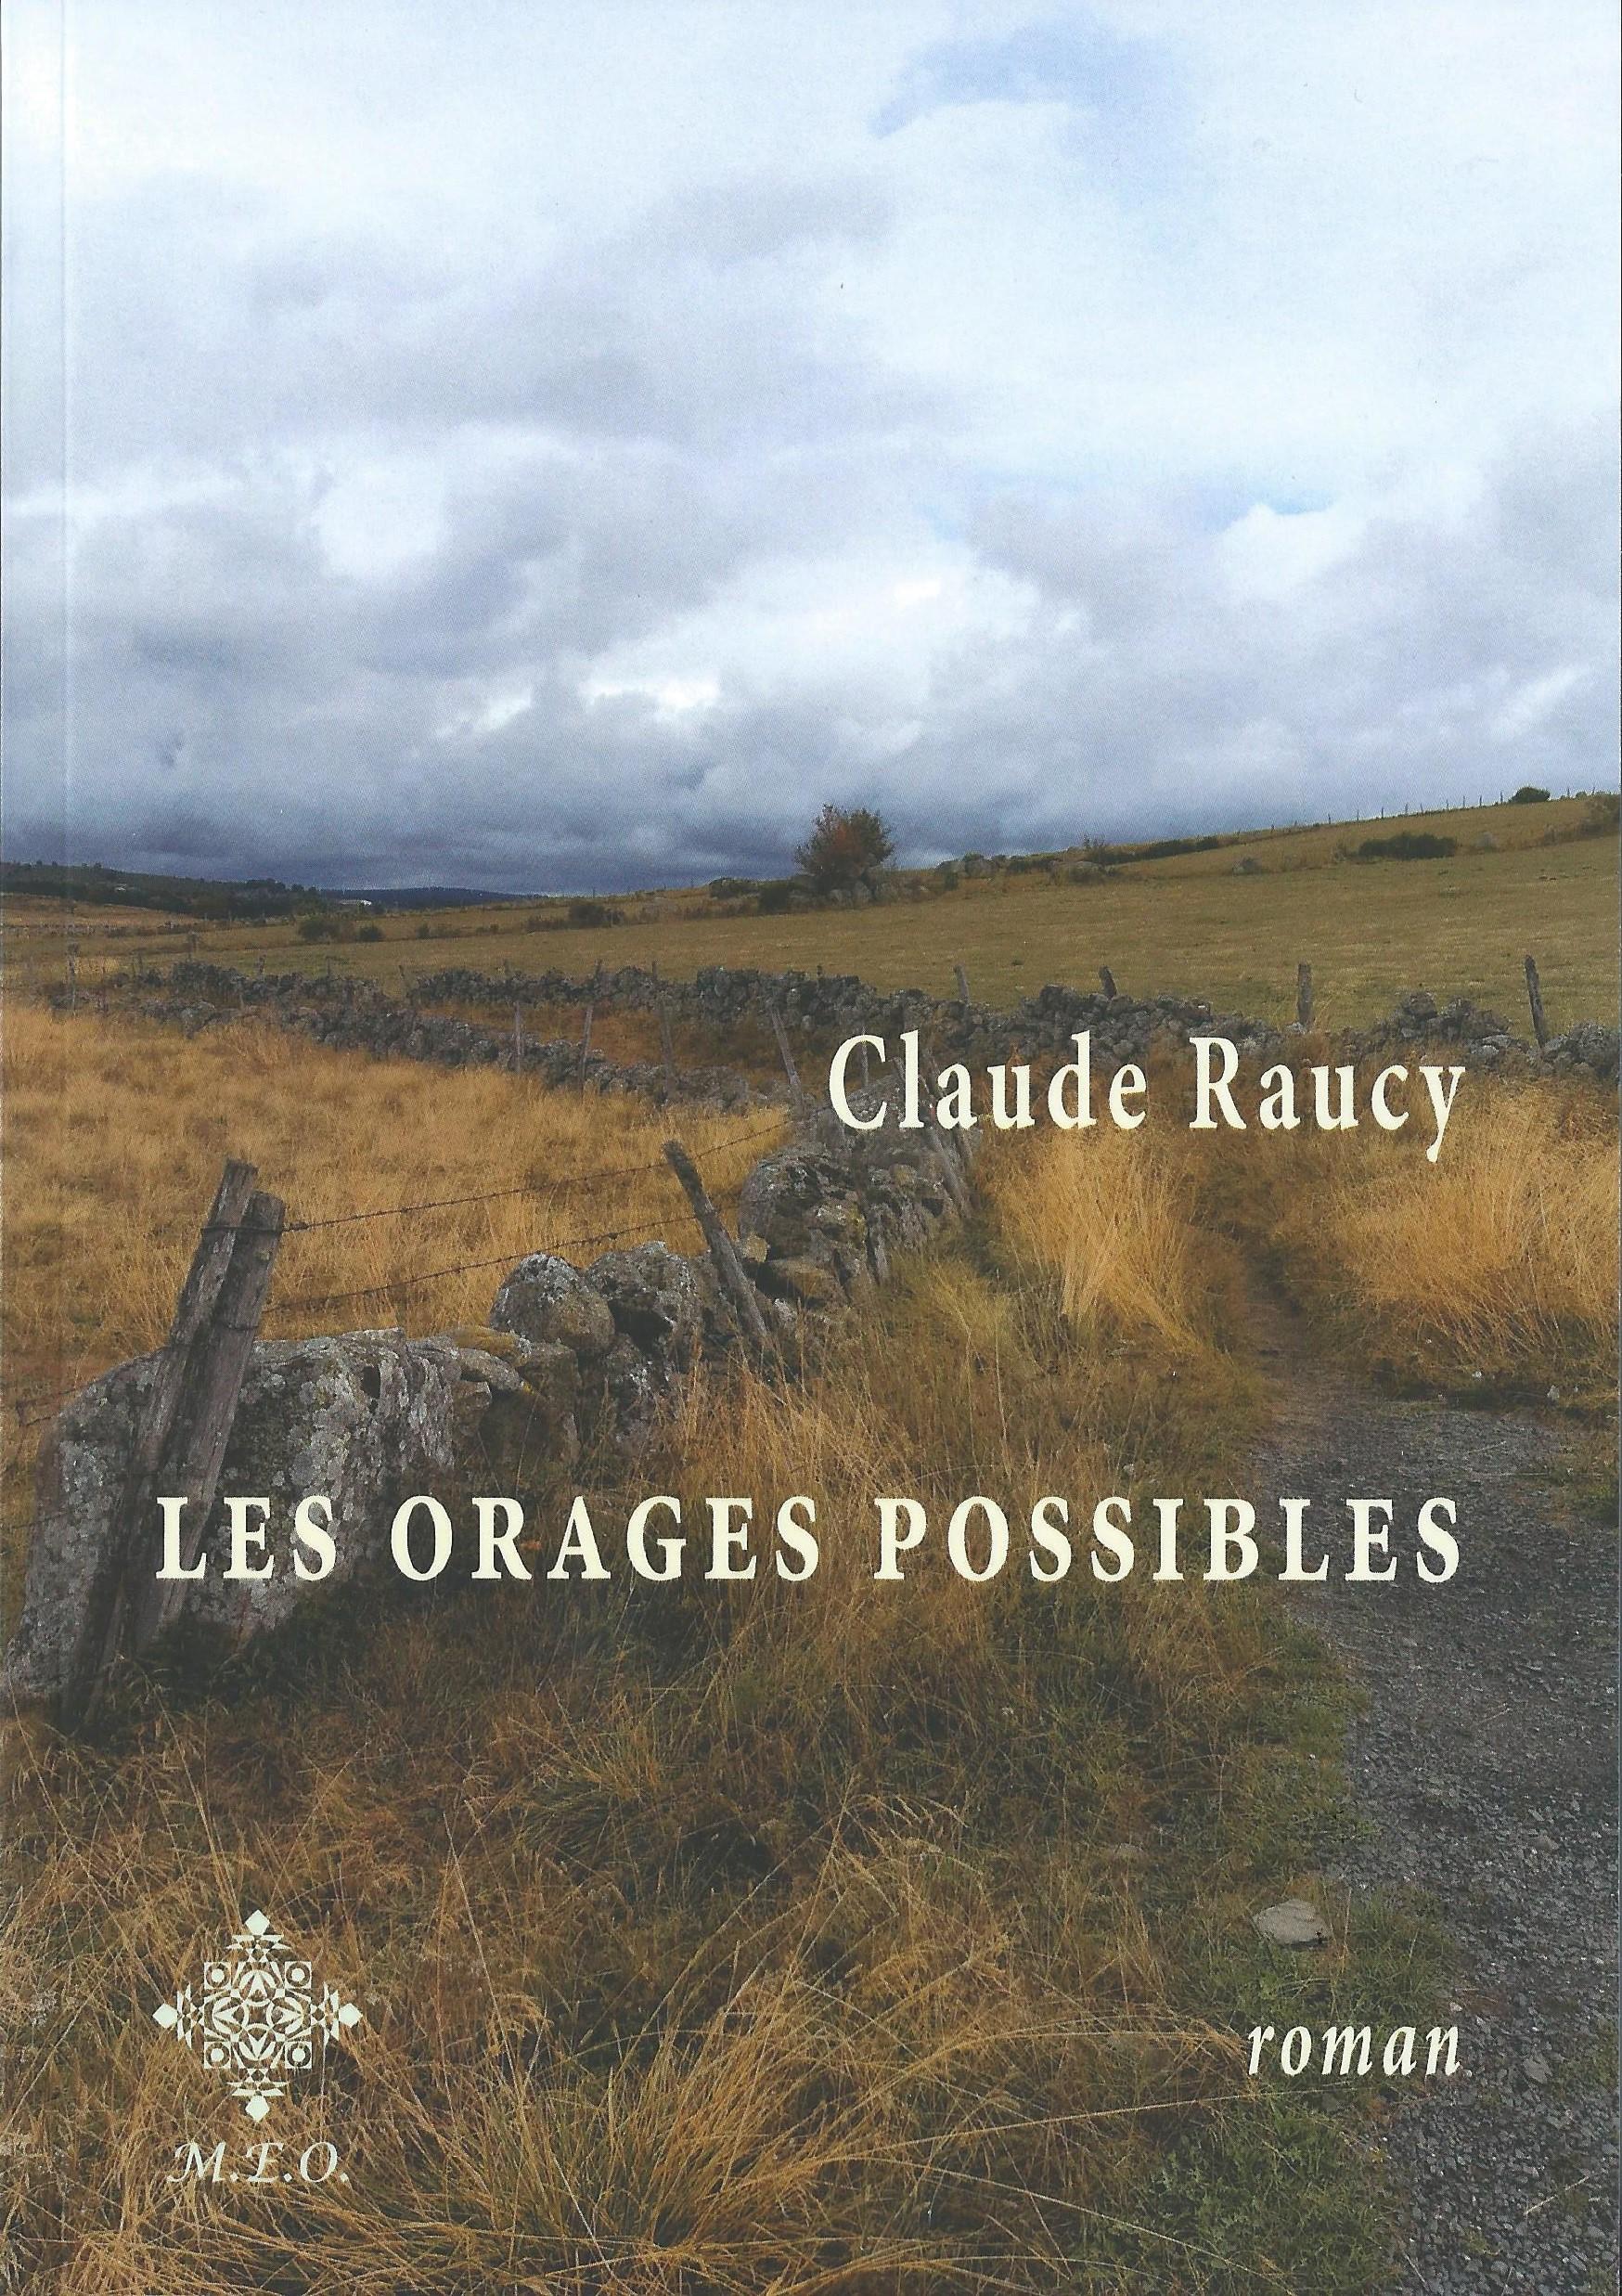 CLAUDE RAUCY - Les orages possibles